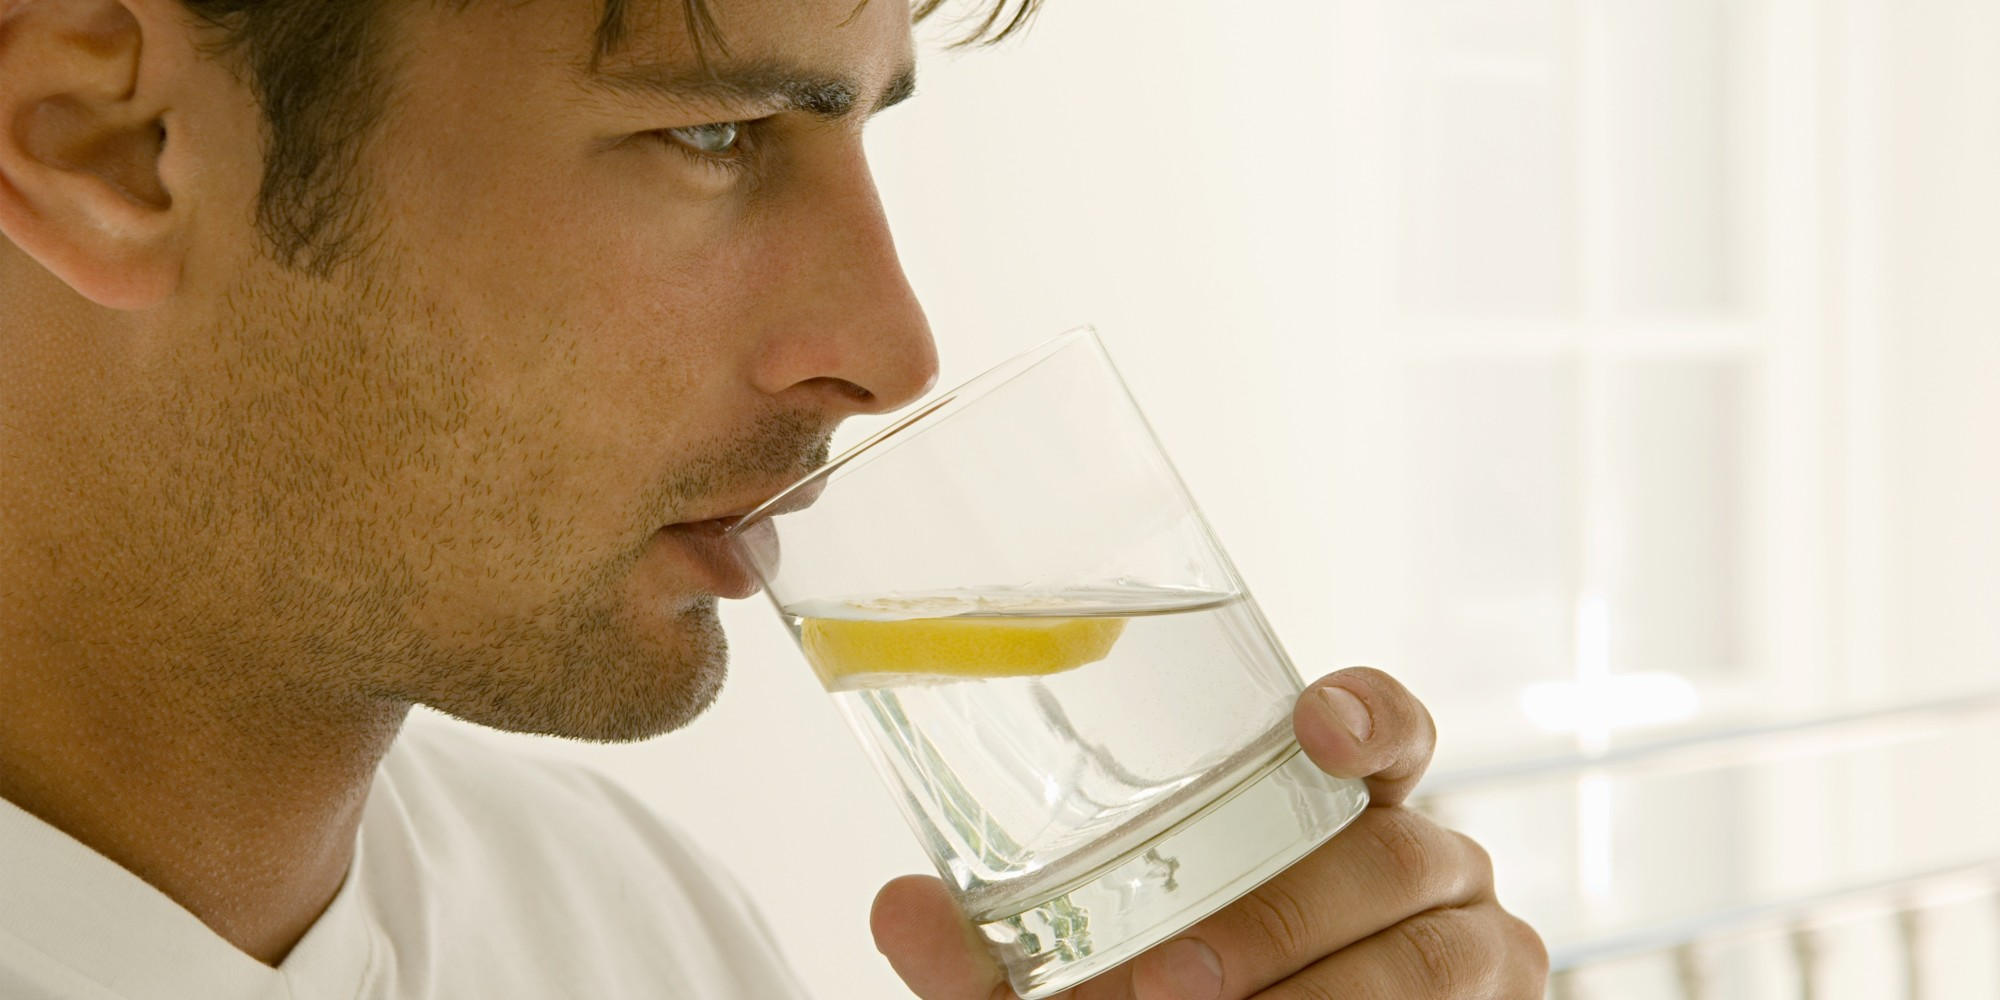 صوره شرب الماء مع الليمون